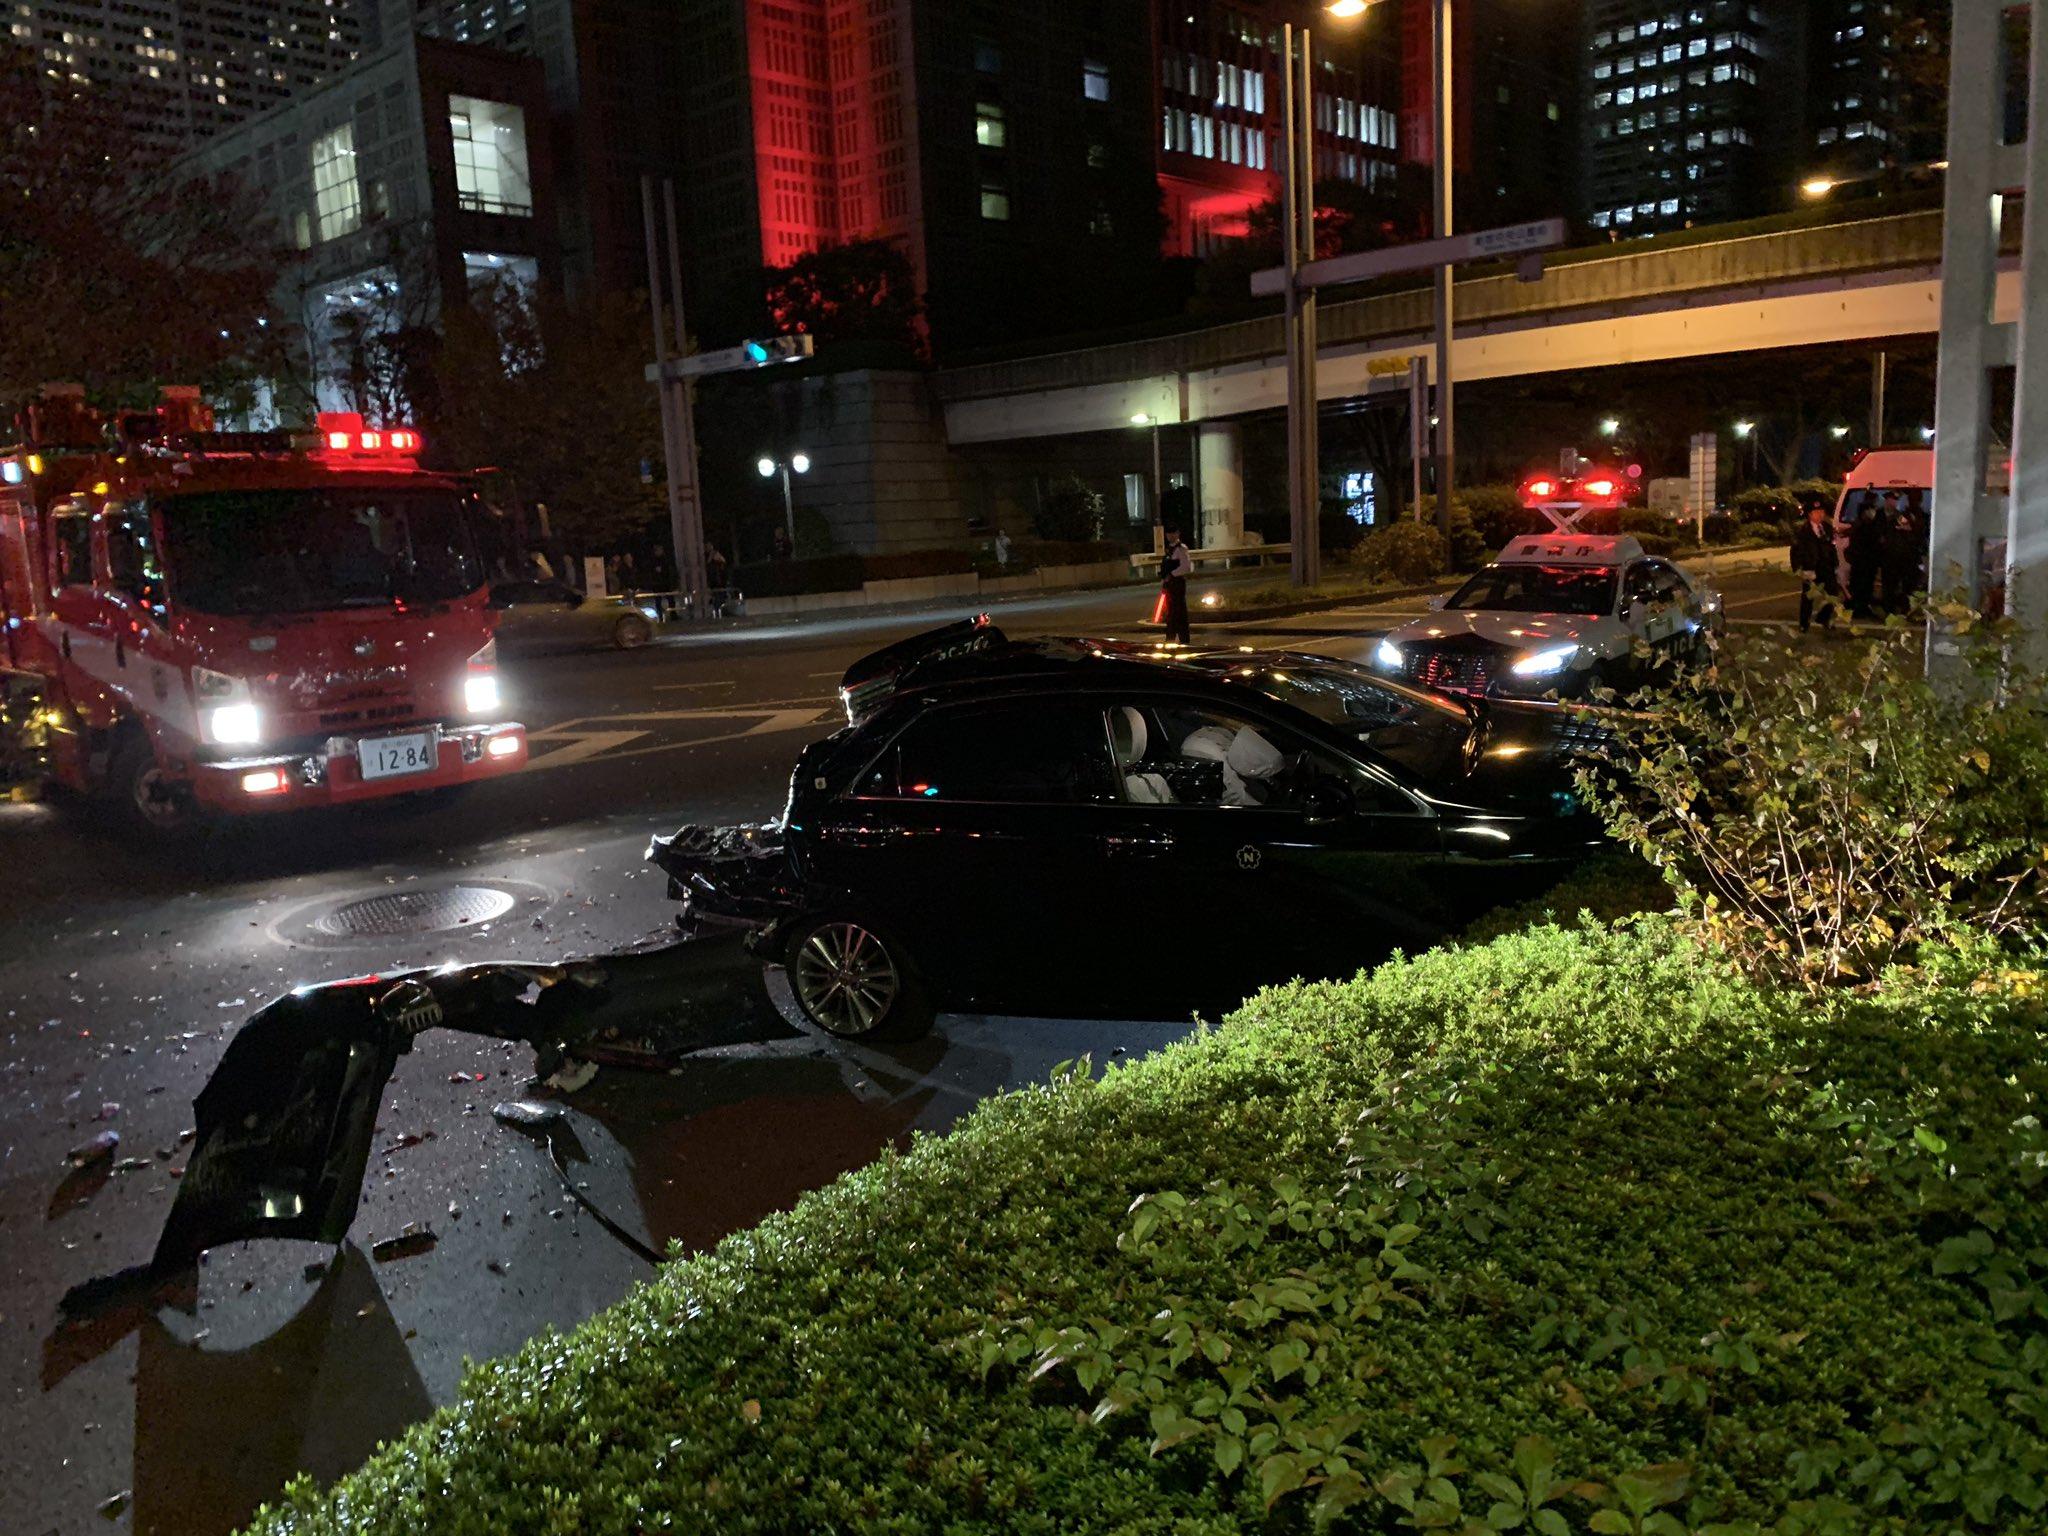 新宿の都庁前でバスとタクシーの衝突事故現の画像